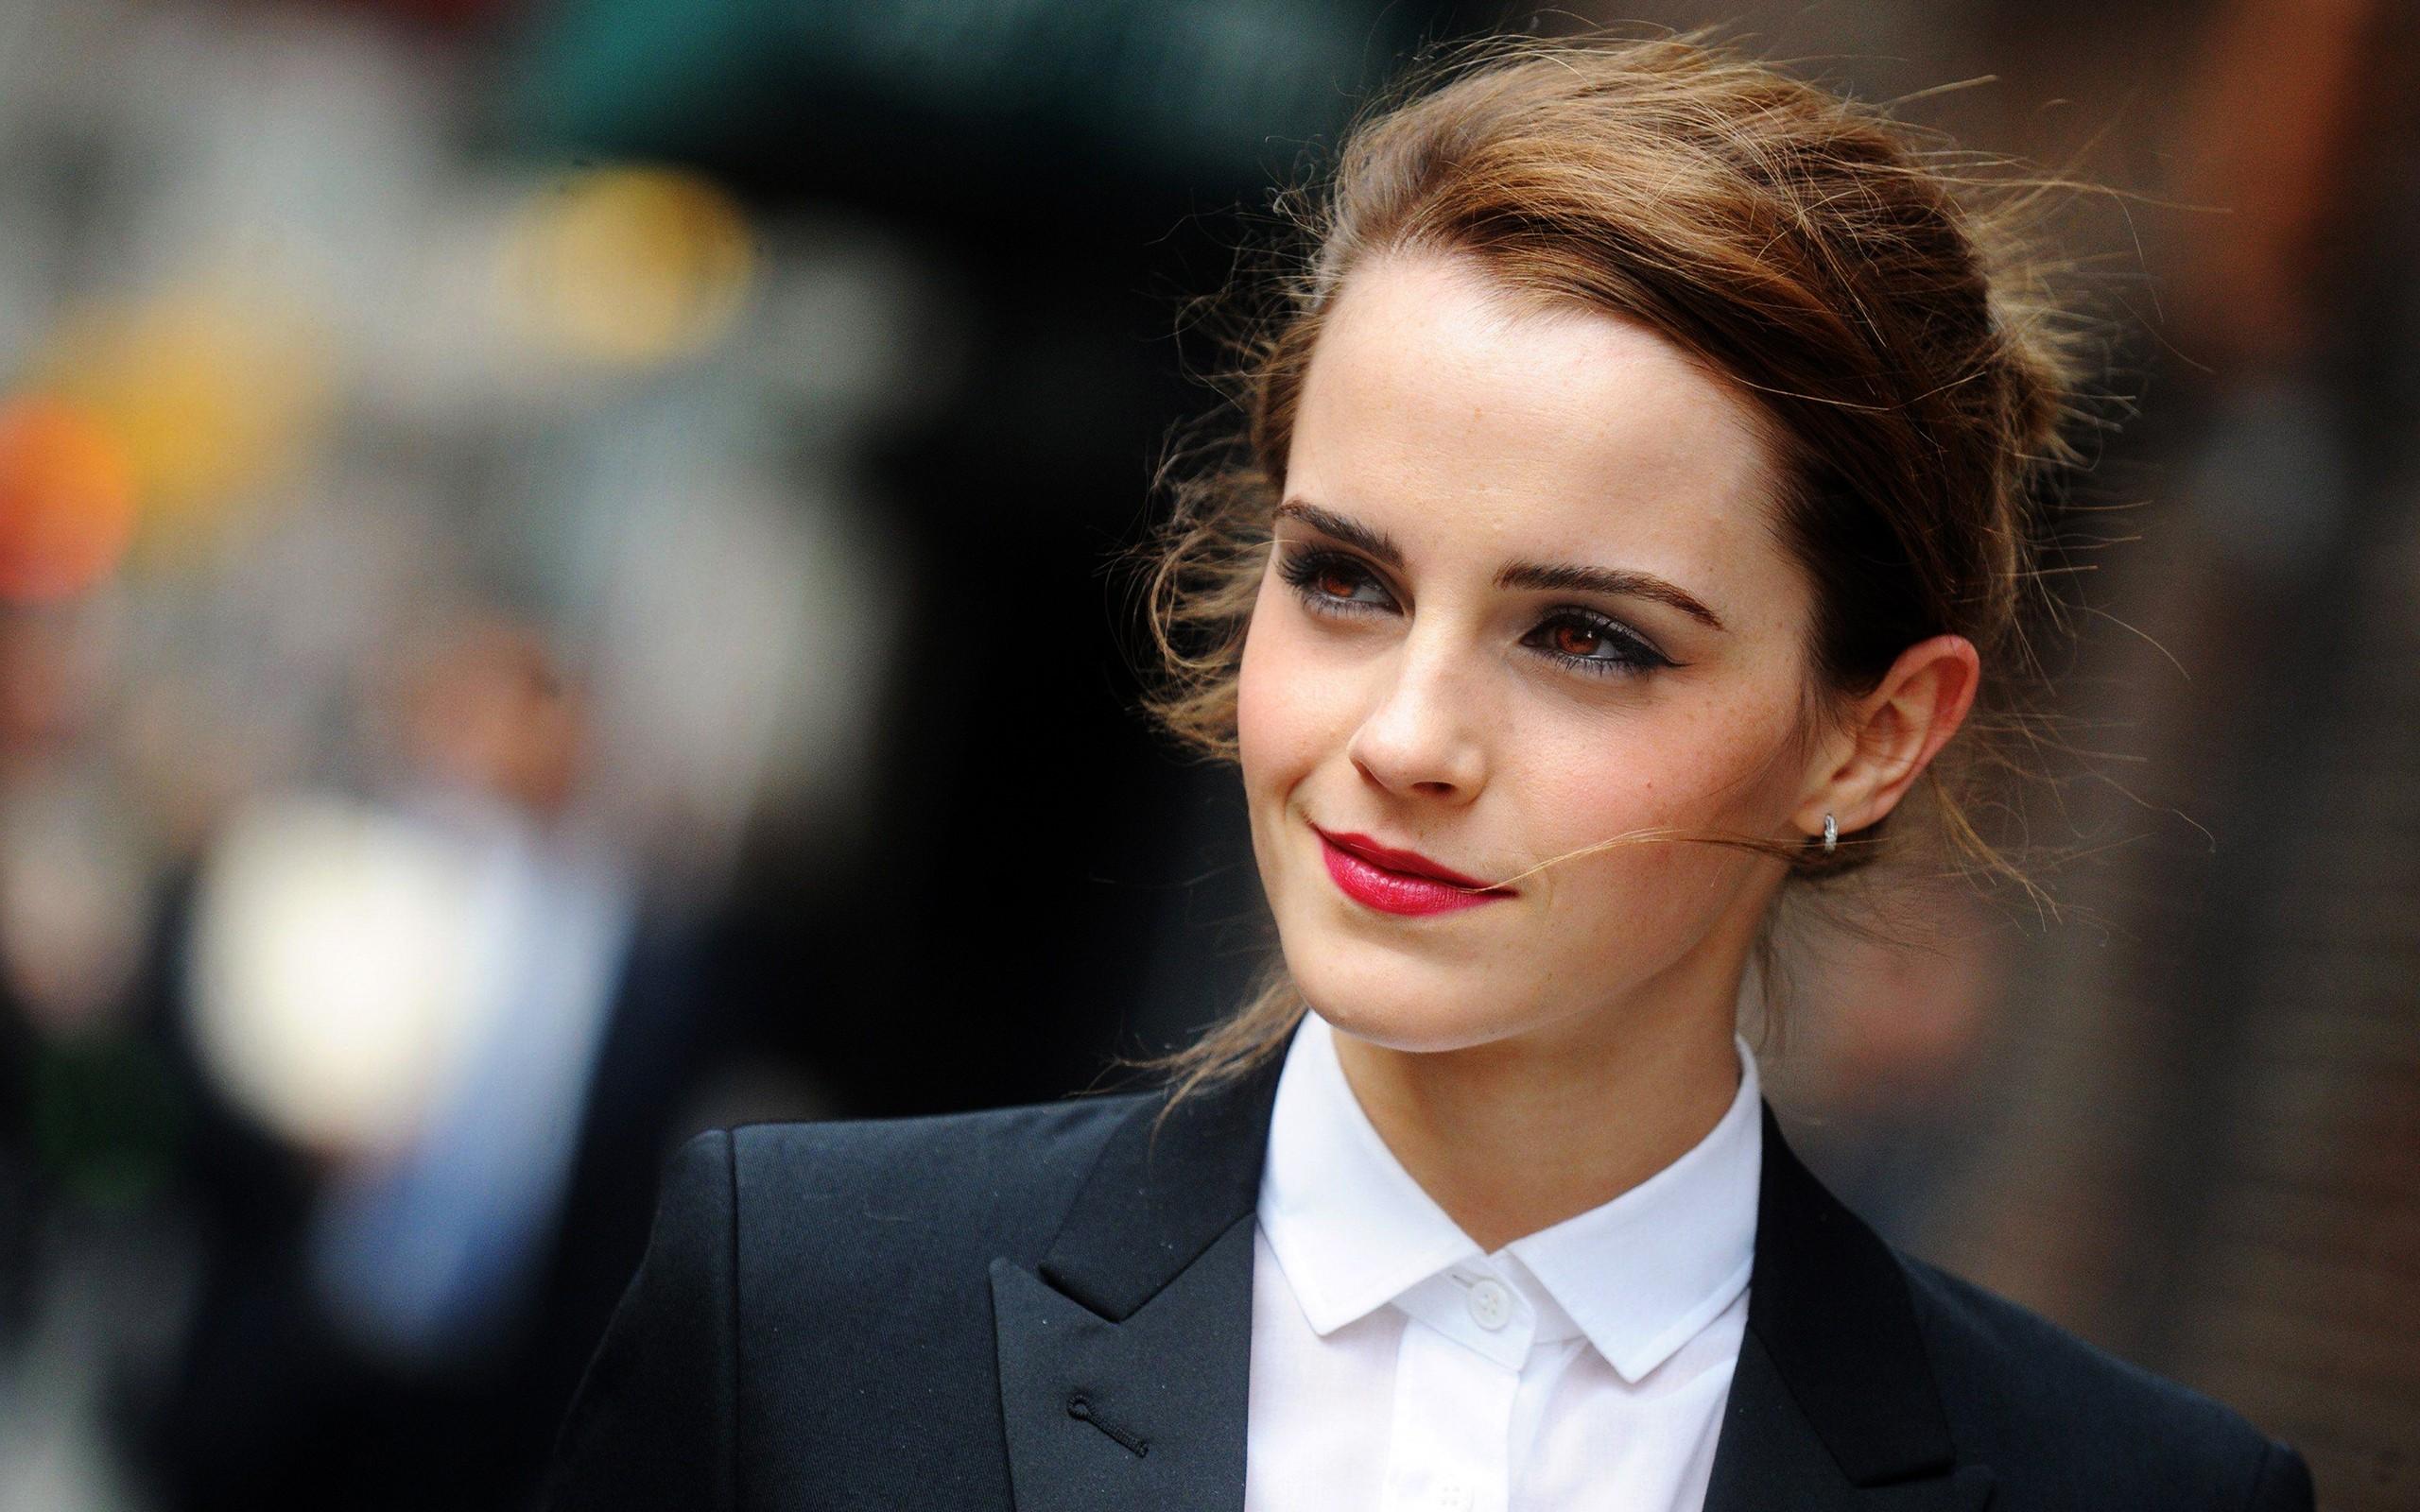 Emma Watson face actress girl   wallpaper 182369 2560x1600px 2560x1600